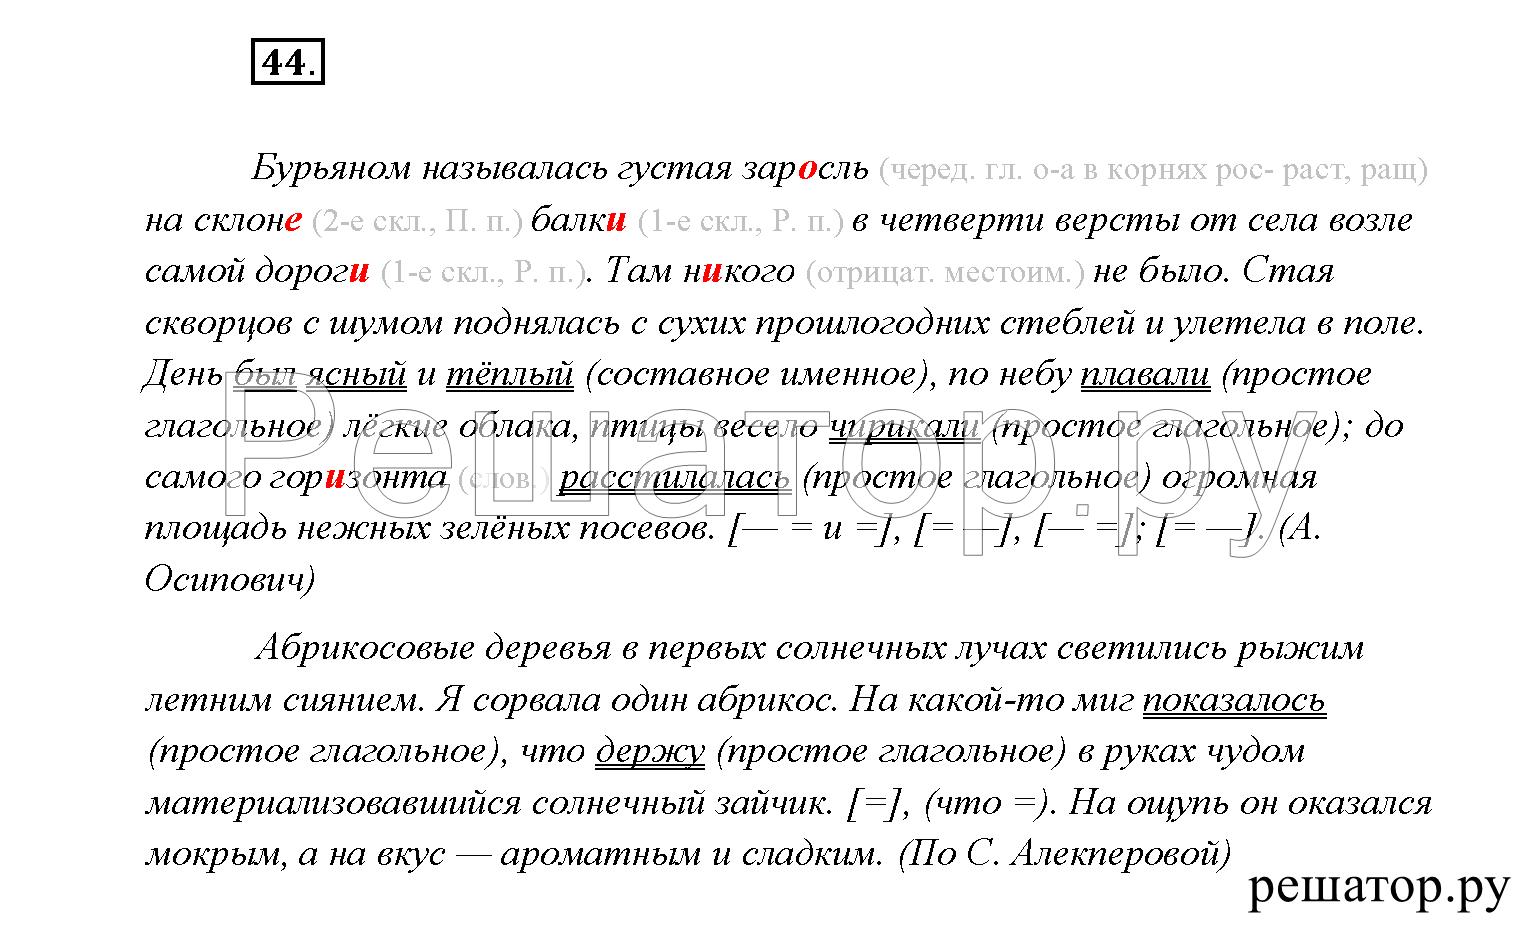 Гдз по рускому 9 класс ладыженская онлайн